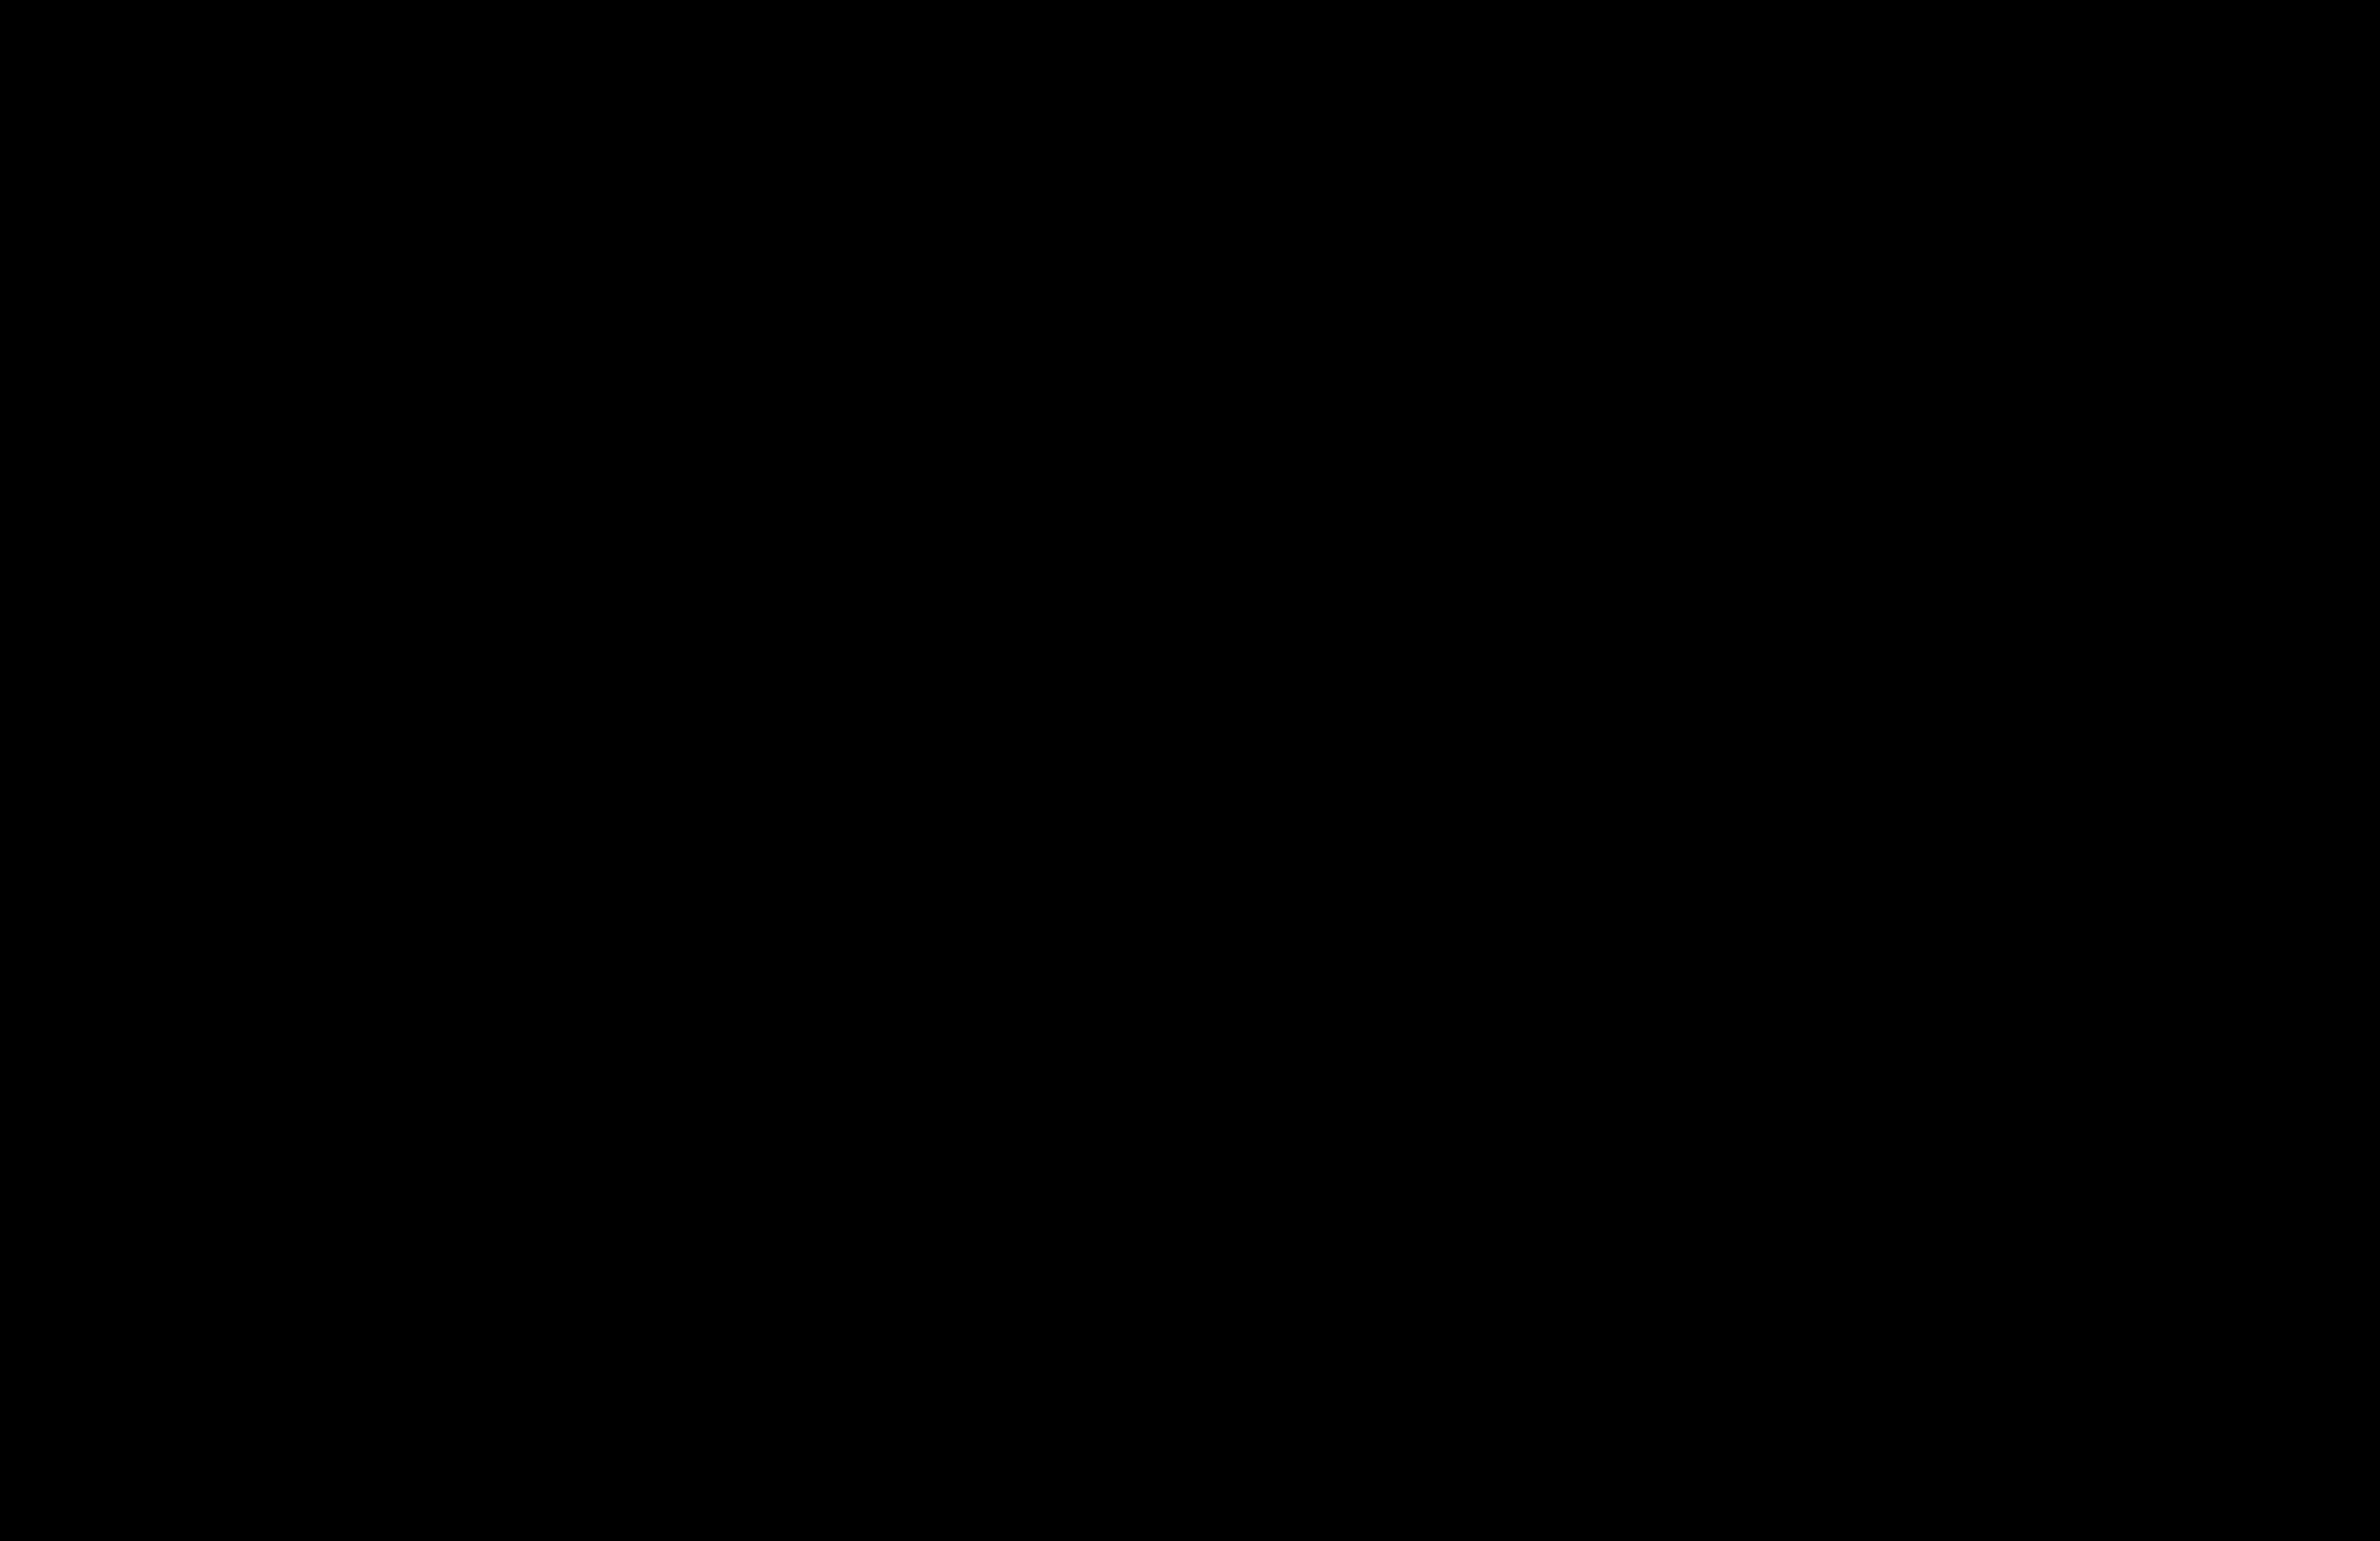 Maleriet 'The Fountain of Youth' ('Ungdommens kilde') viser en række ældre kvinder stige ned i bassinet; og når de kommer ud midt i bassinet, bliver de mirakuløst forynget. Interessant nok er der ikke nogen gamle mænd, der stiger ned i bassinet med ungdommens kilde.